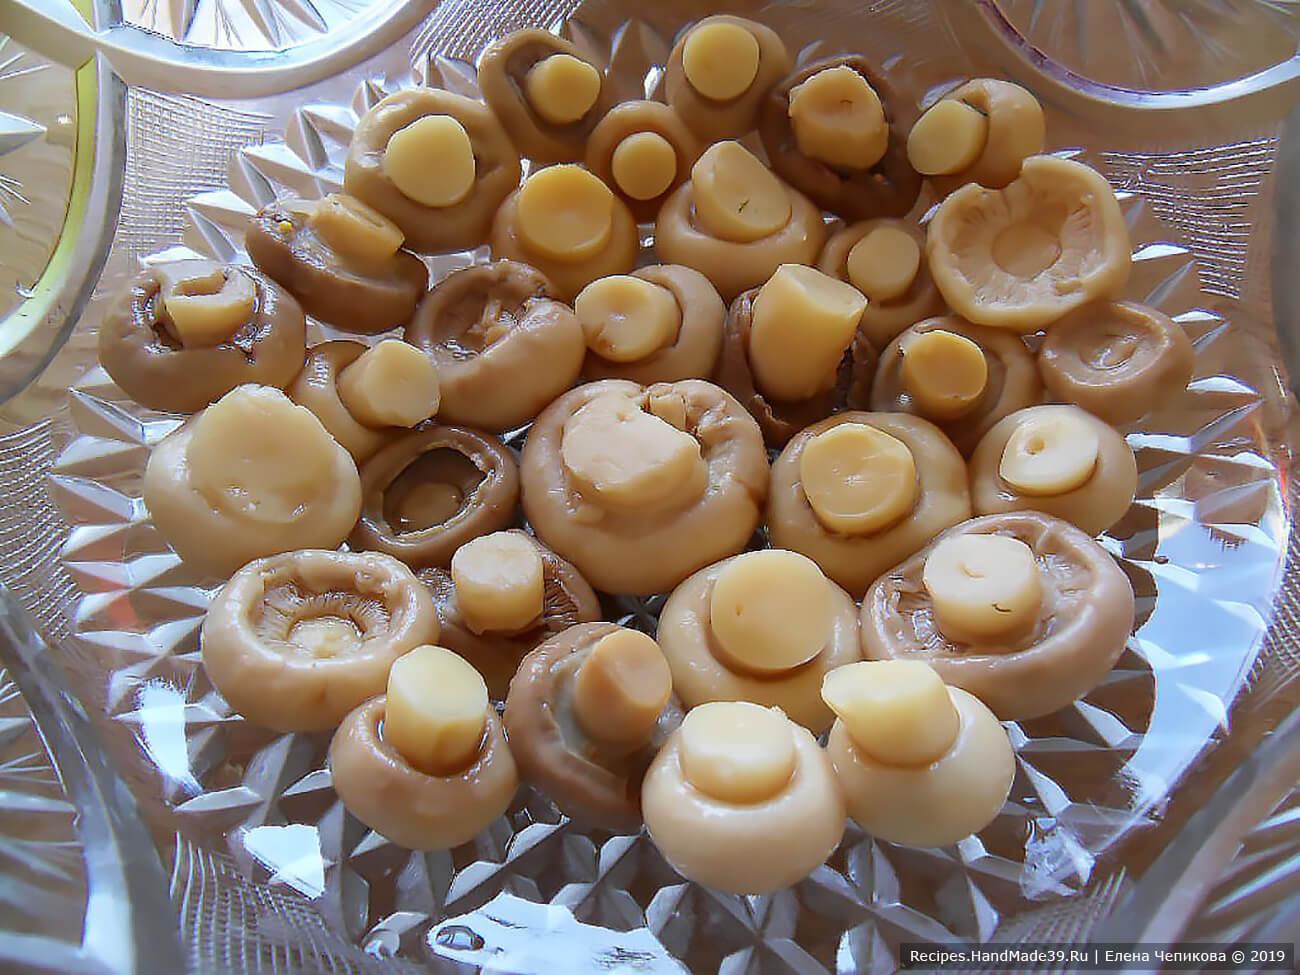 Салат укладывается в глубокую салатницу слоями. 1-й (нижний) слой – маринованные грибы (шампиньоны или другие), выложенные шляпками вниз